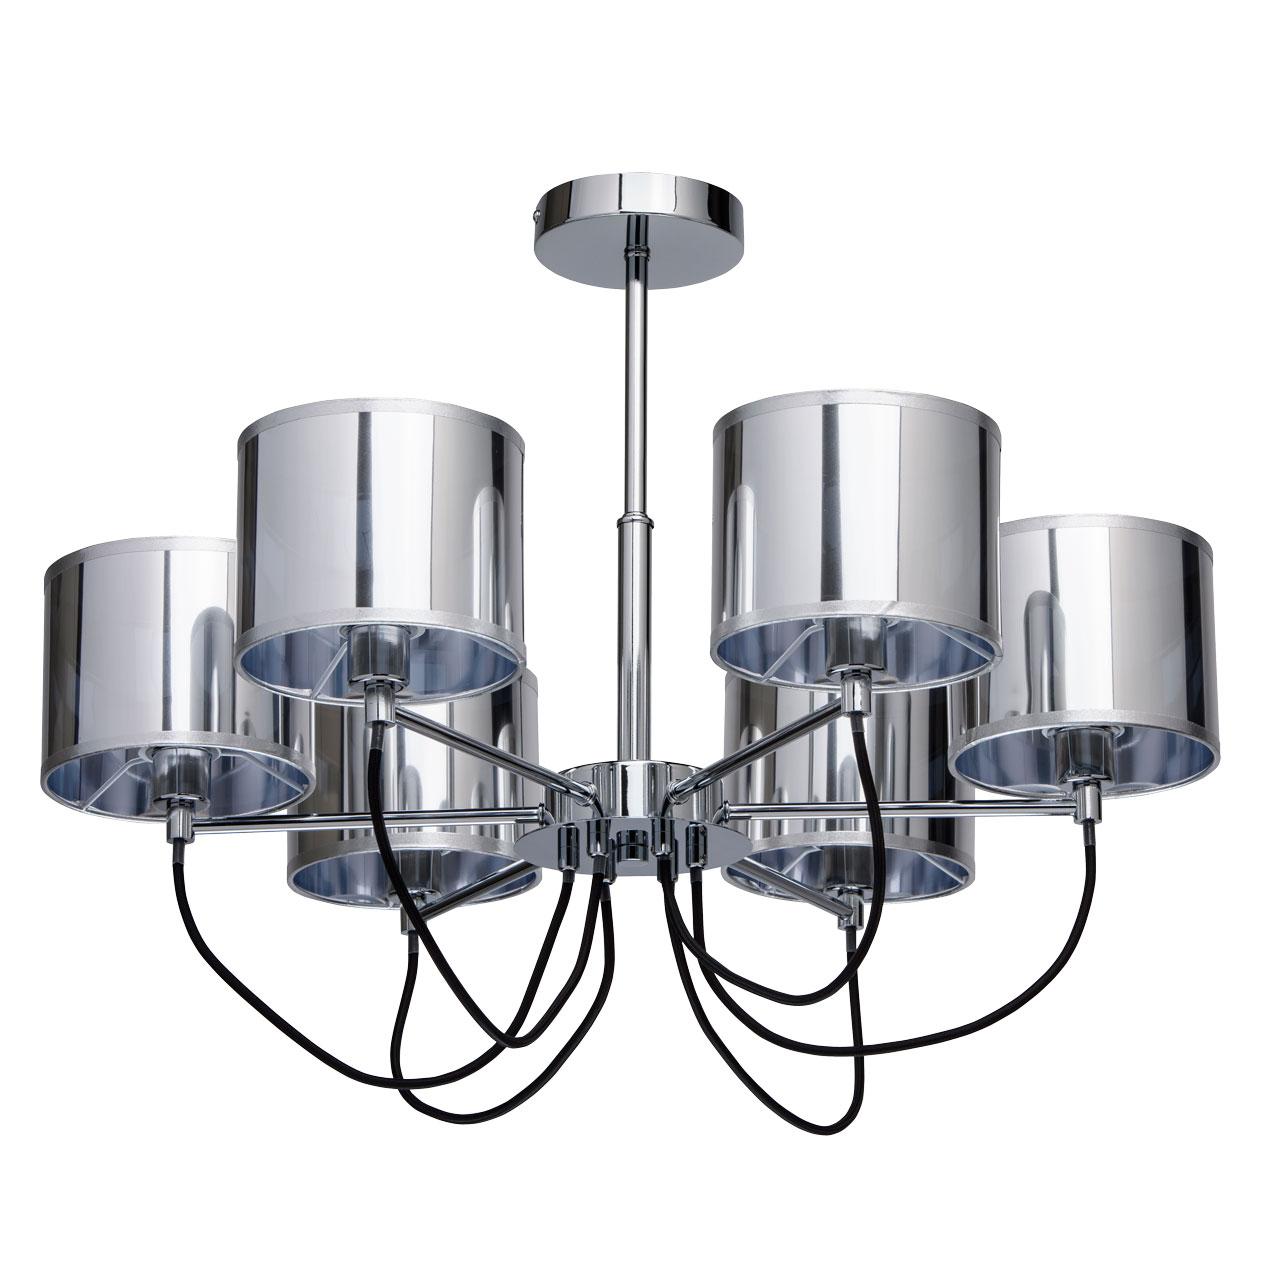 Потолочный светильник MW-Light, E14, 240 Вт потолочный светильник mw light e14 480 вт